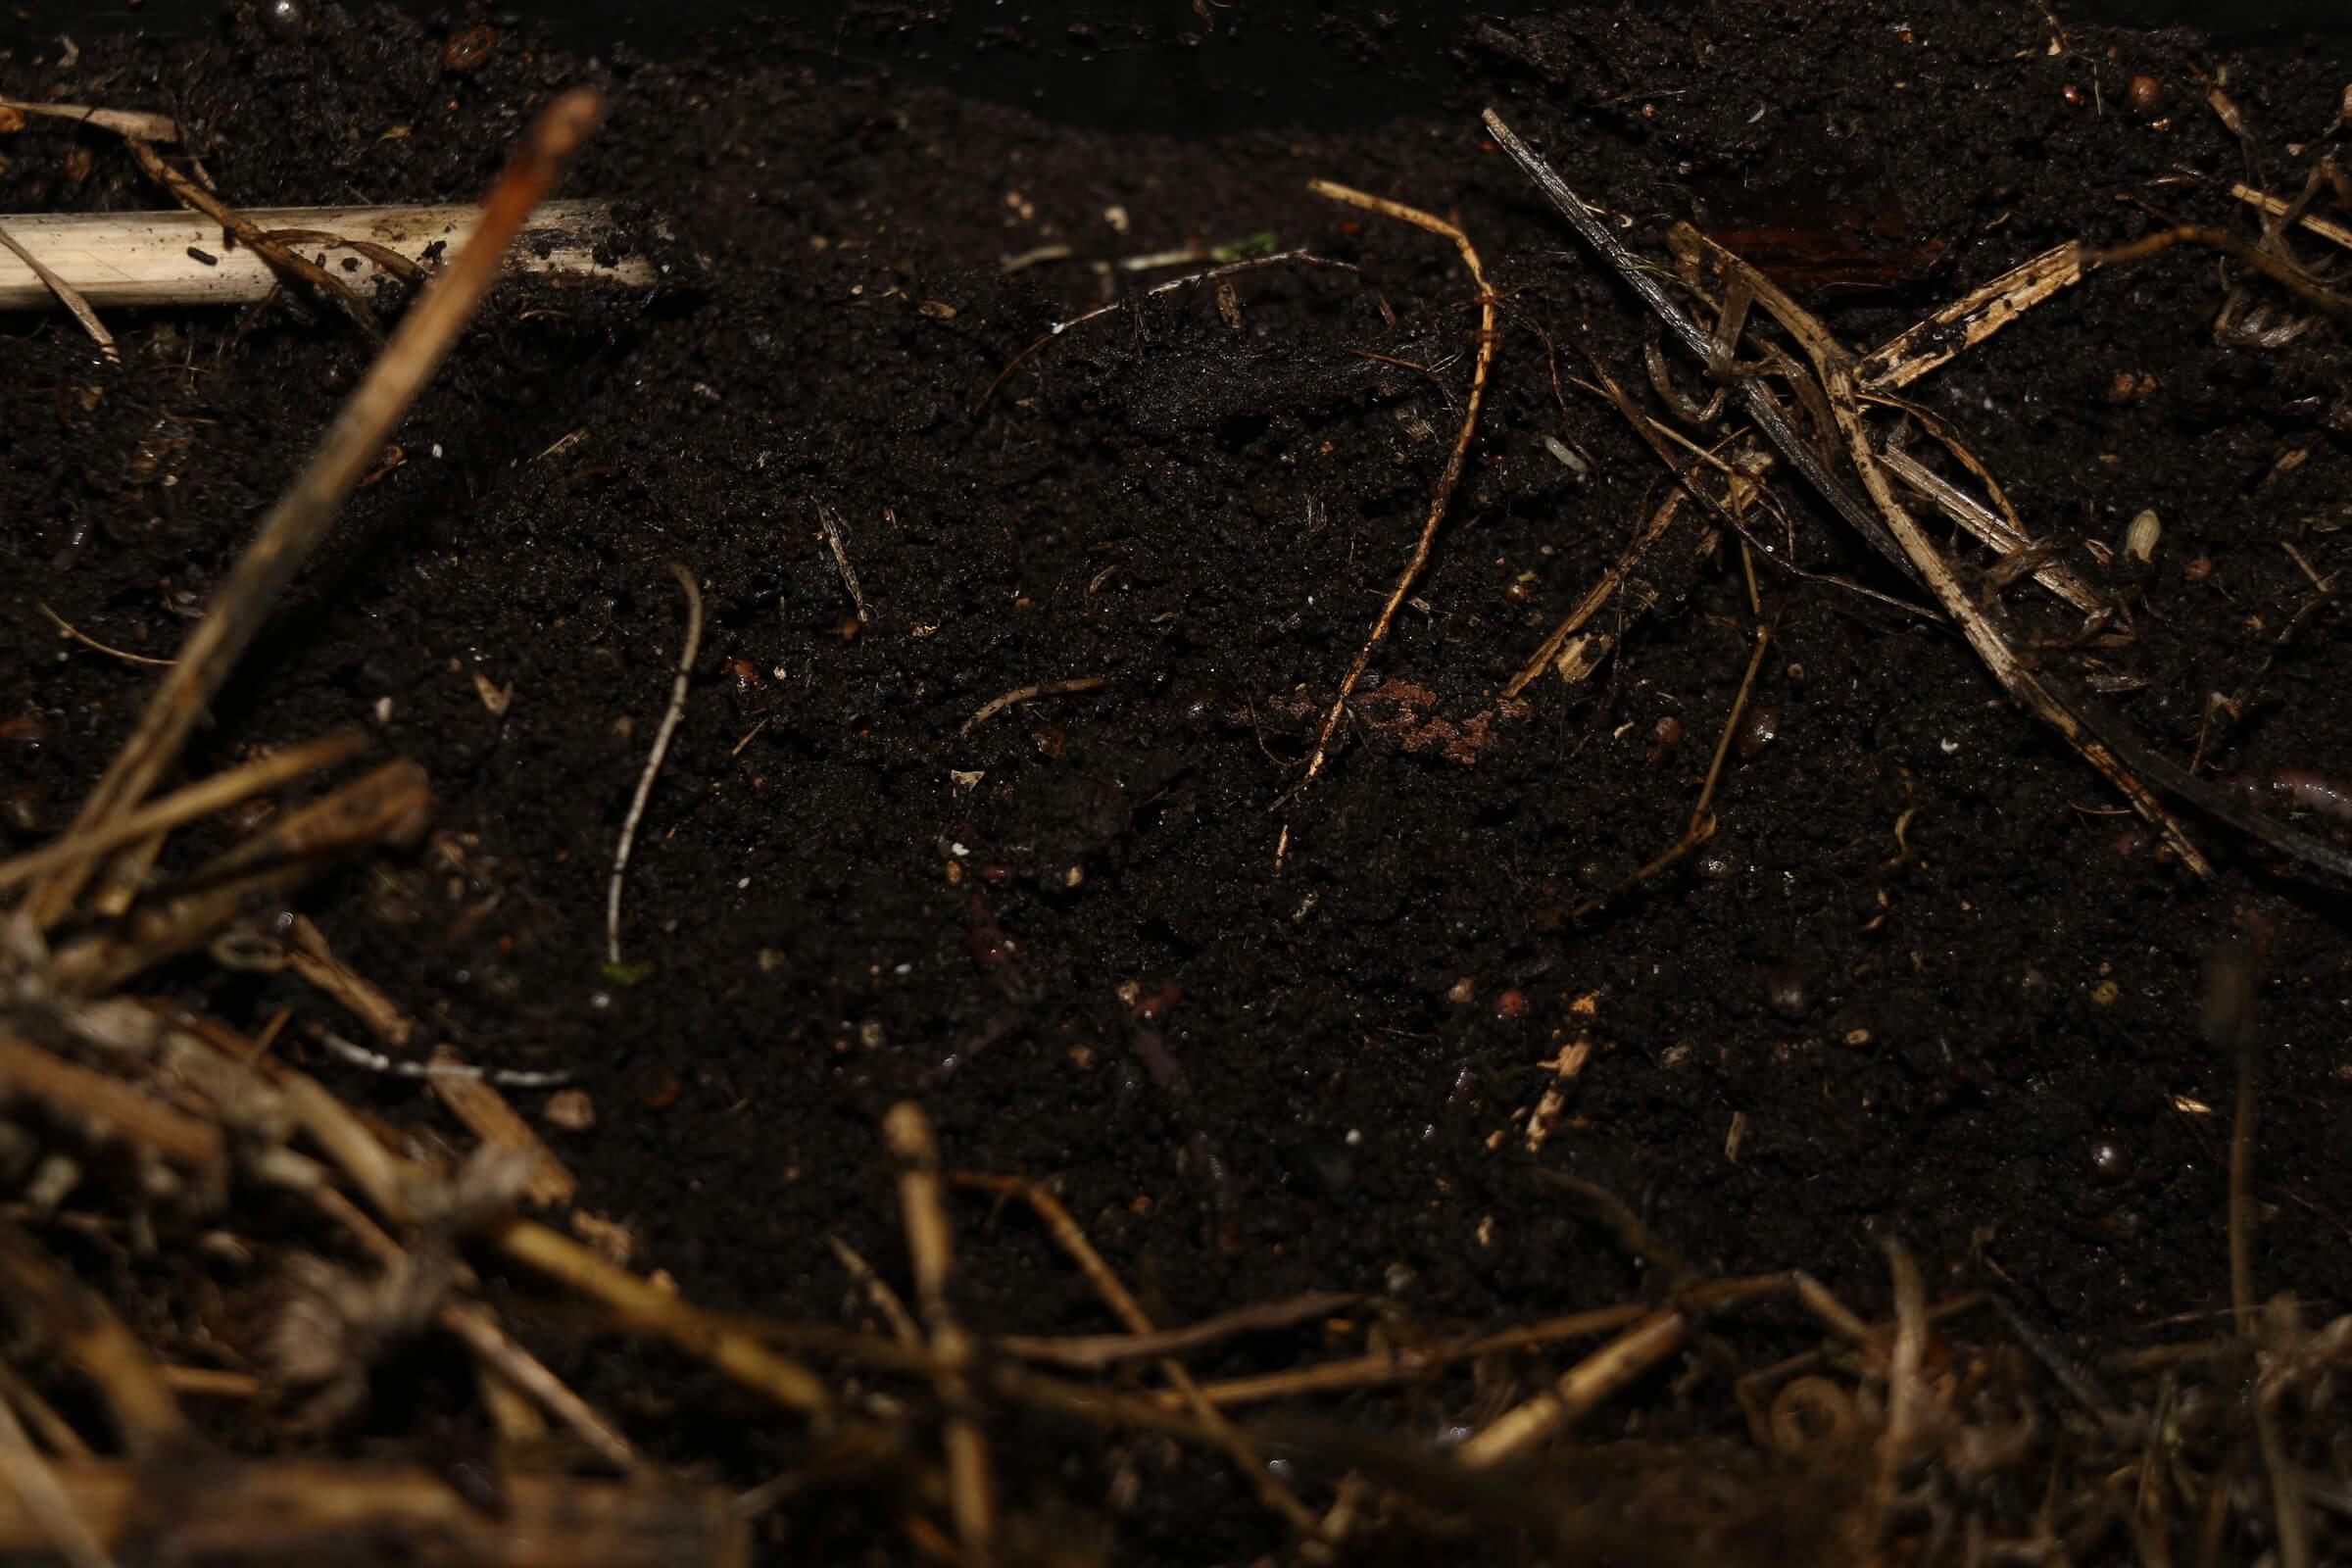 Die Würmer düngen den Boden